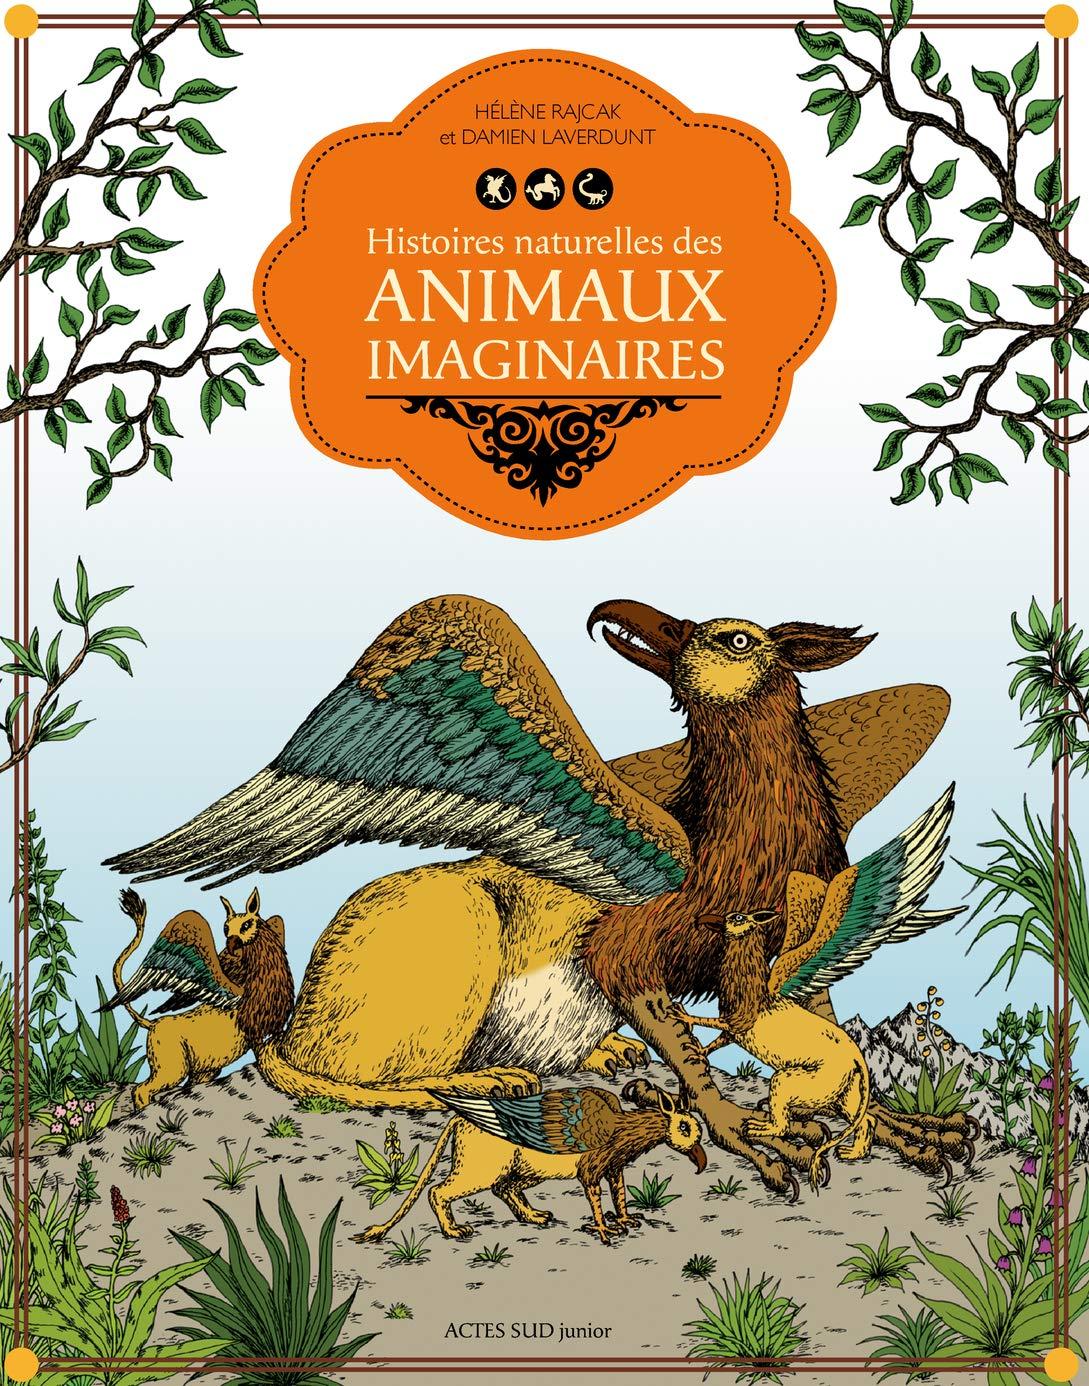 Histoires Naturelles Des Animaux Imaginaires Damien Laverdunt Helene Rajcak Ɯ¬ ɀšè²© Amazon